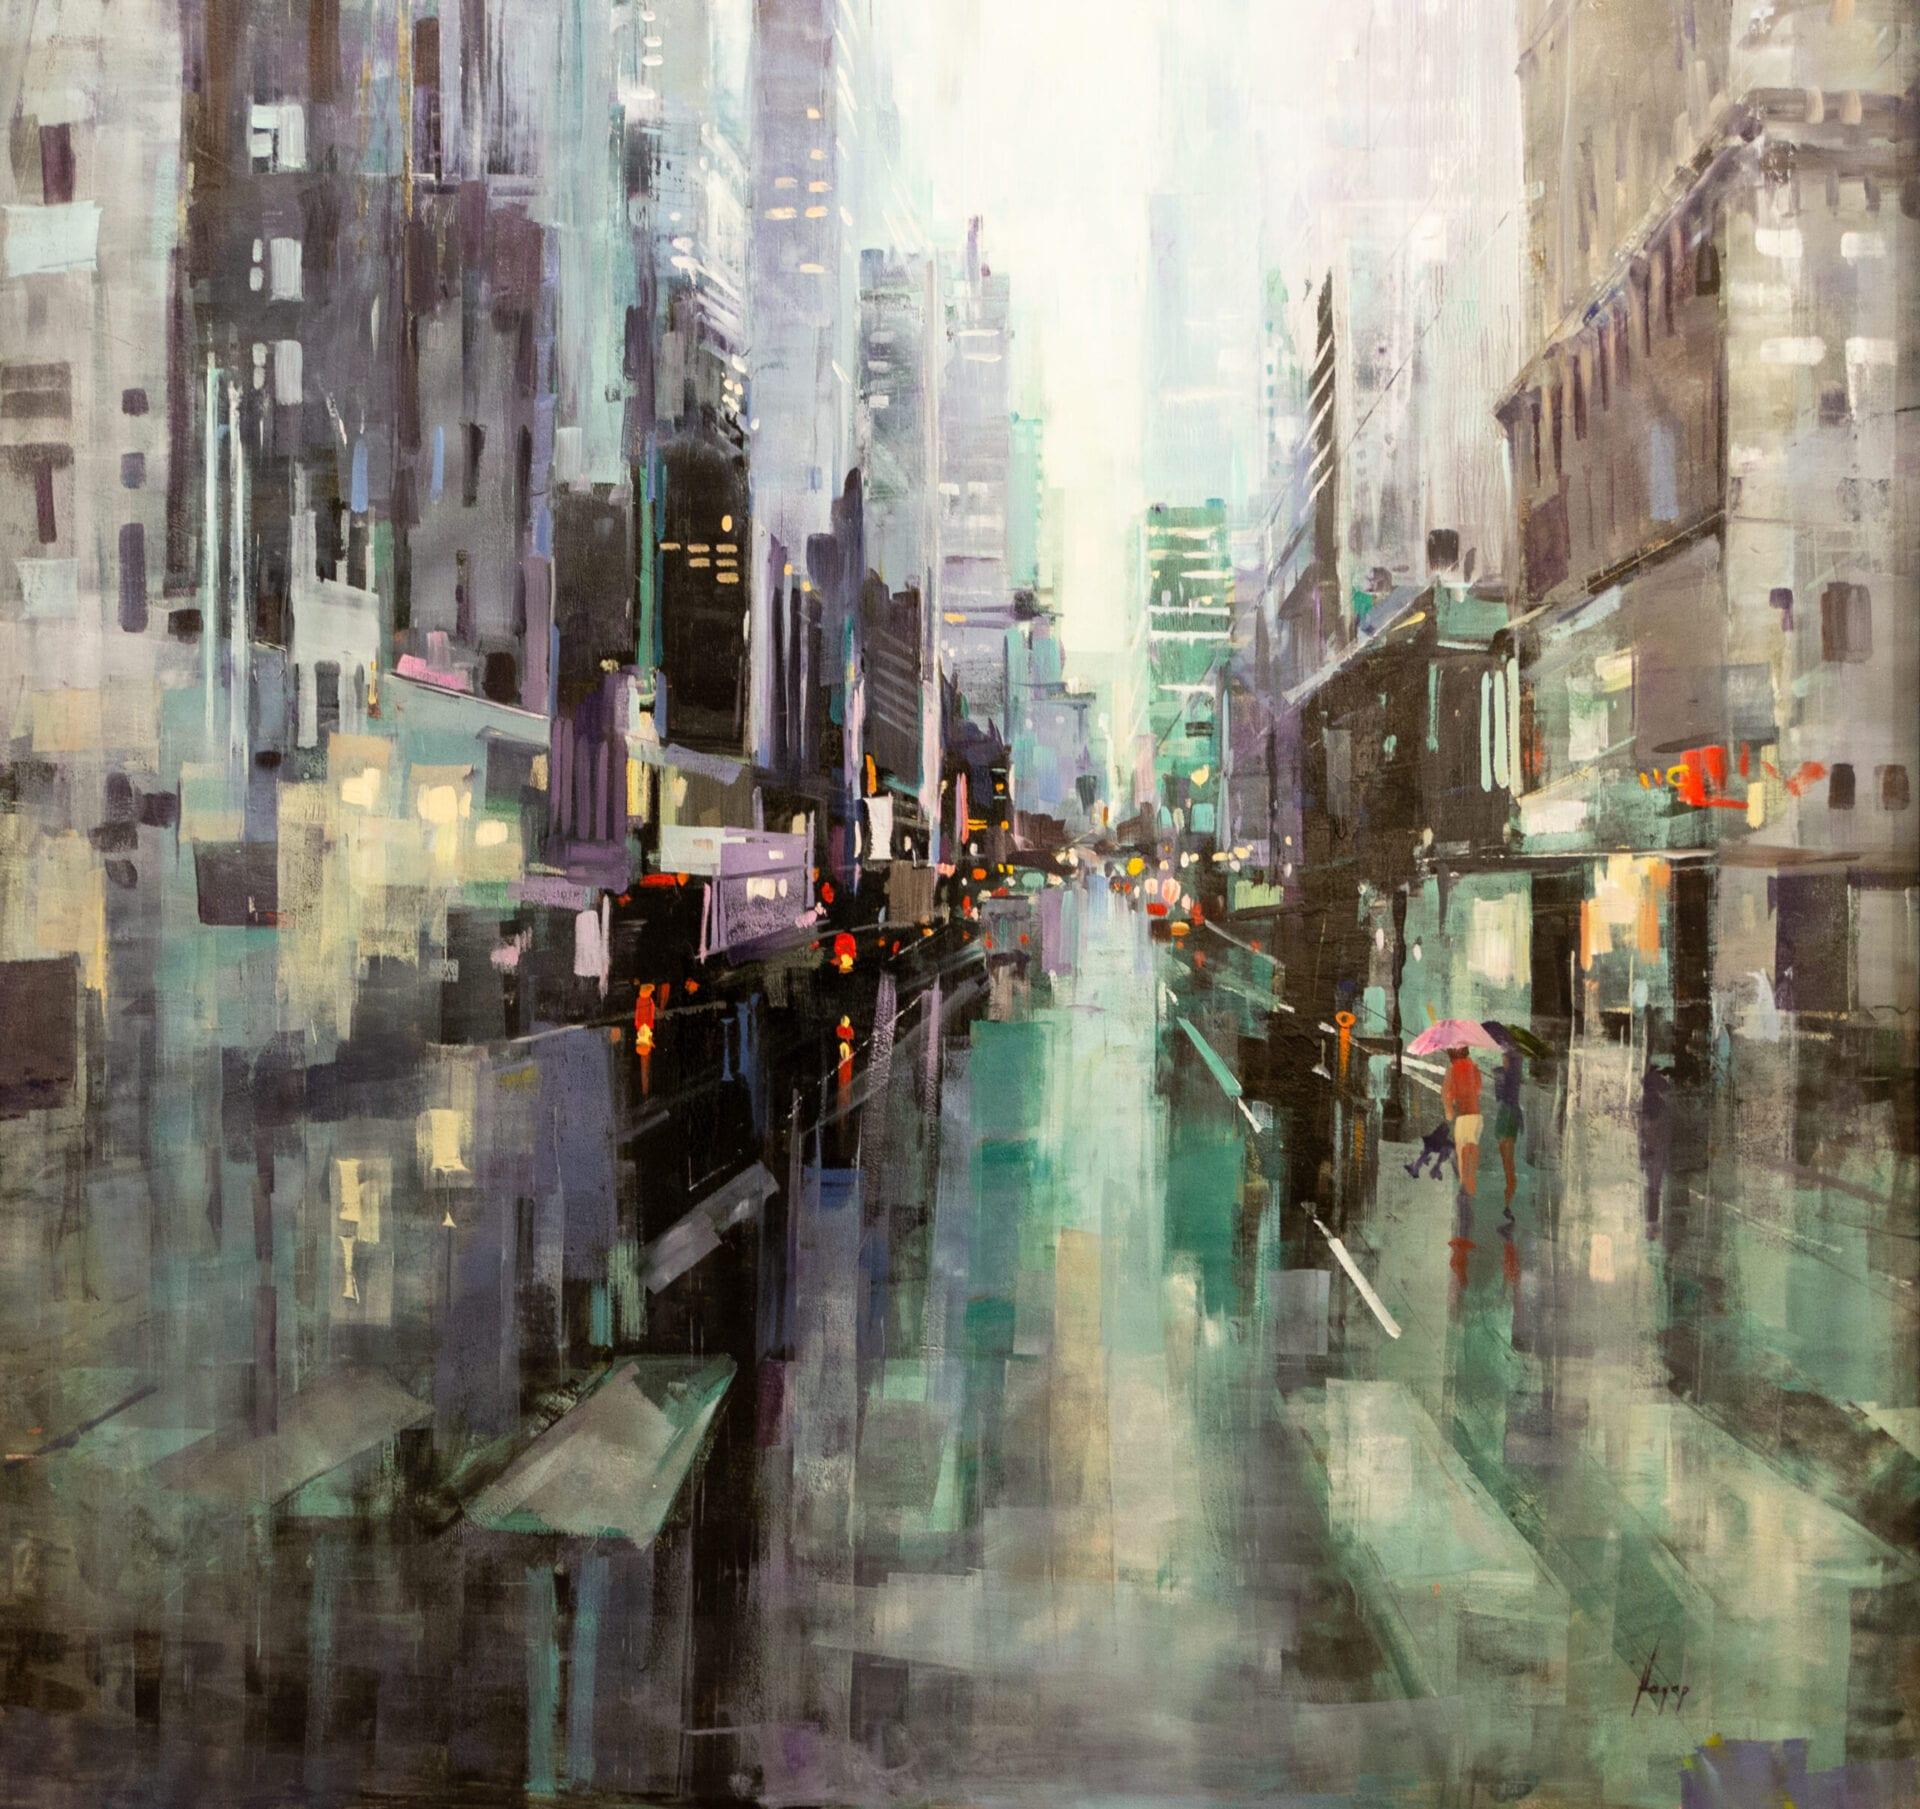 Hagop Keledjian - City Life